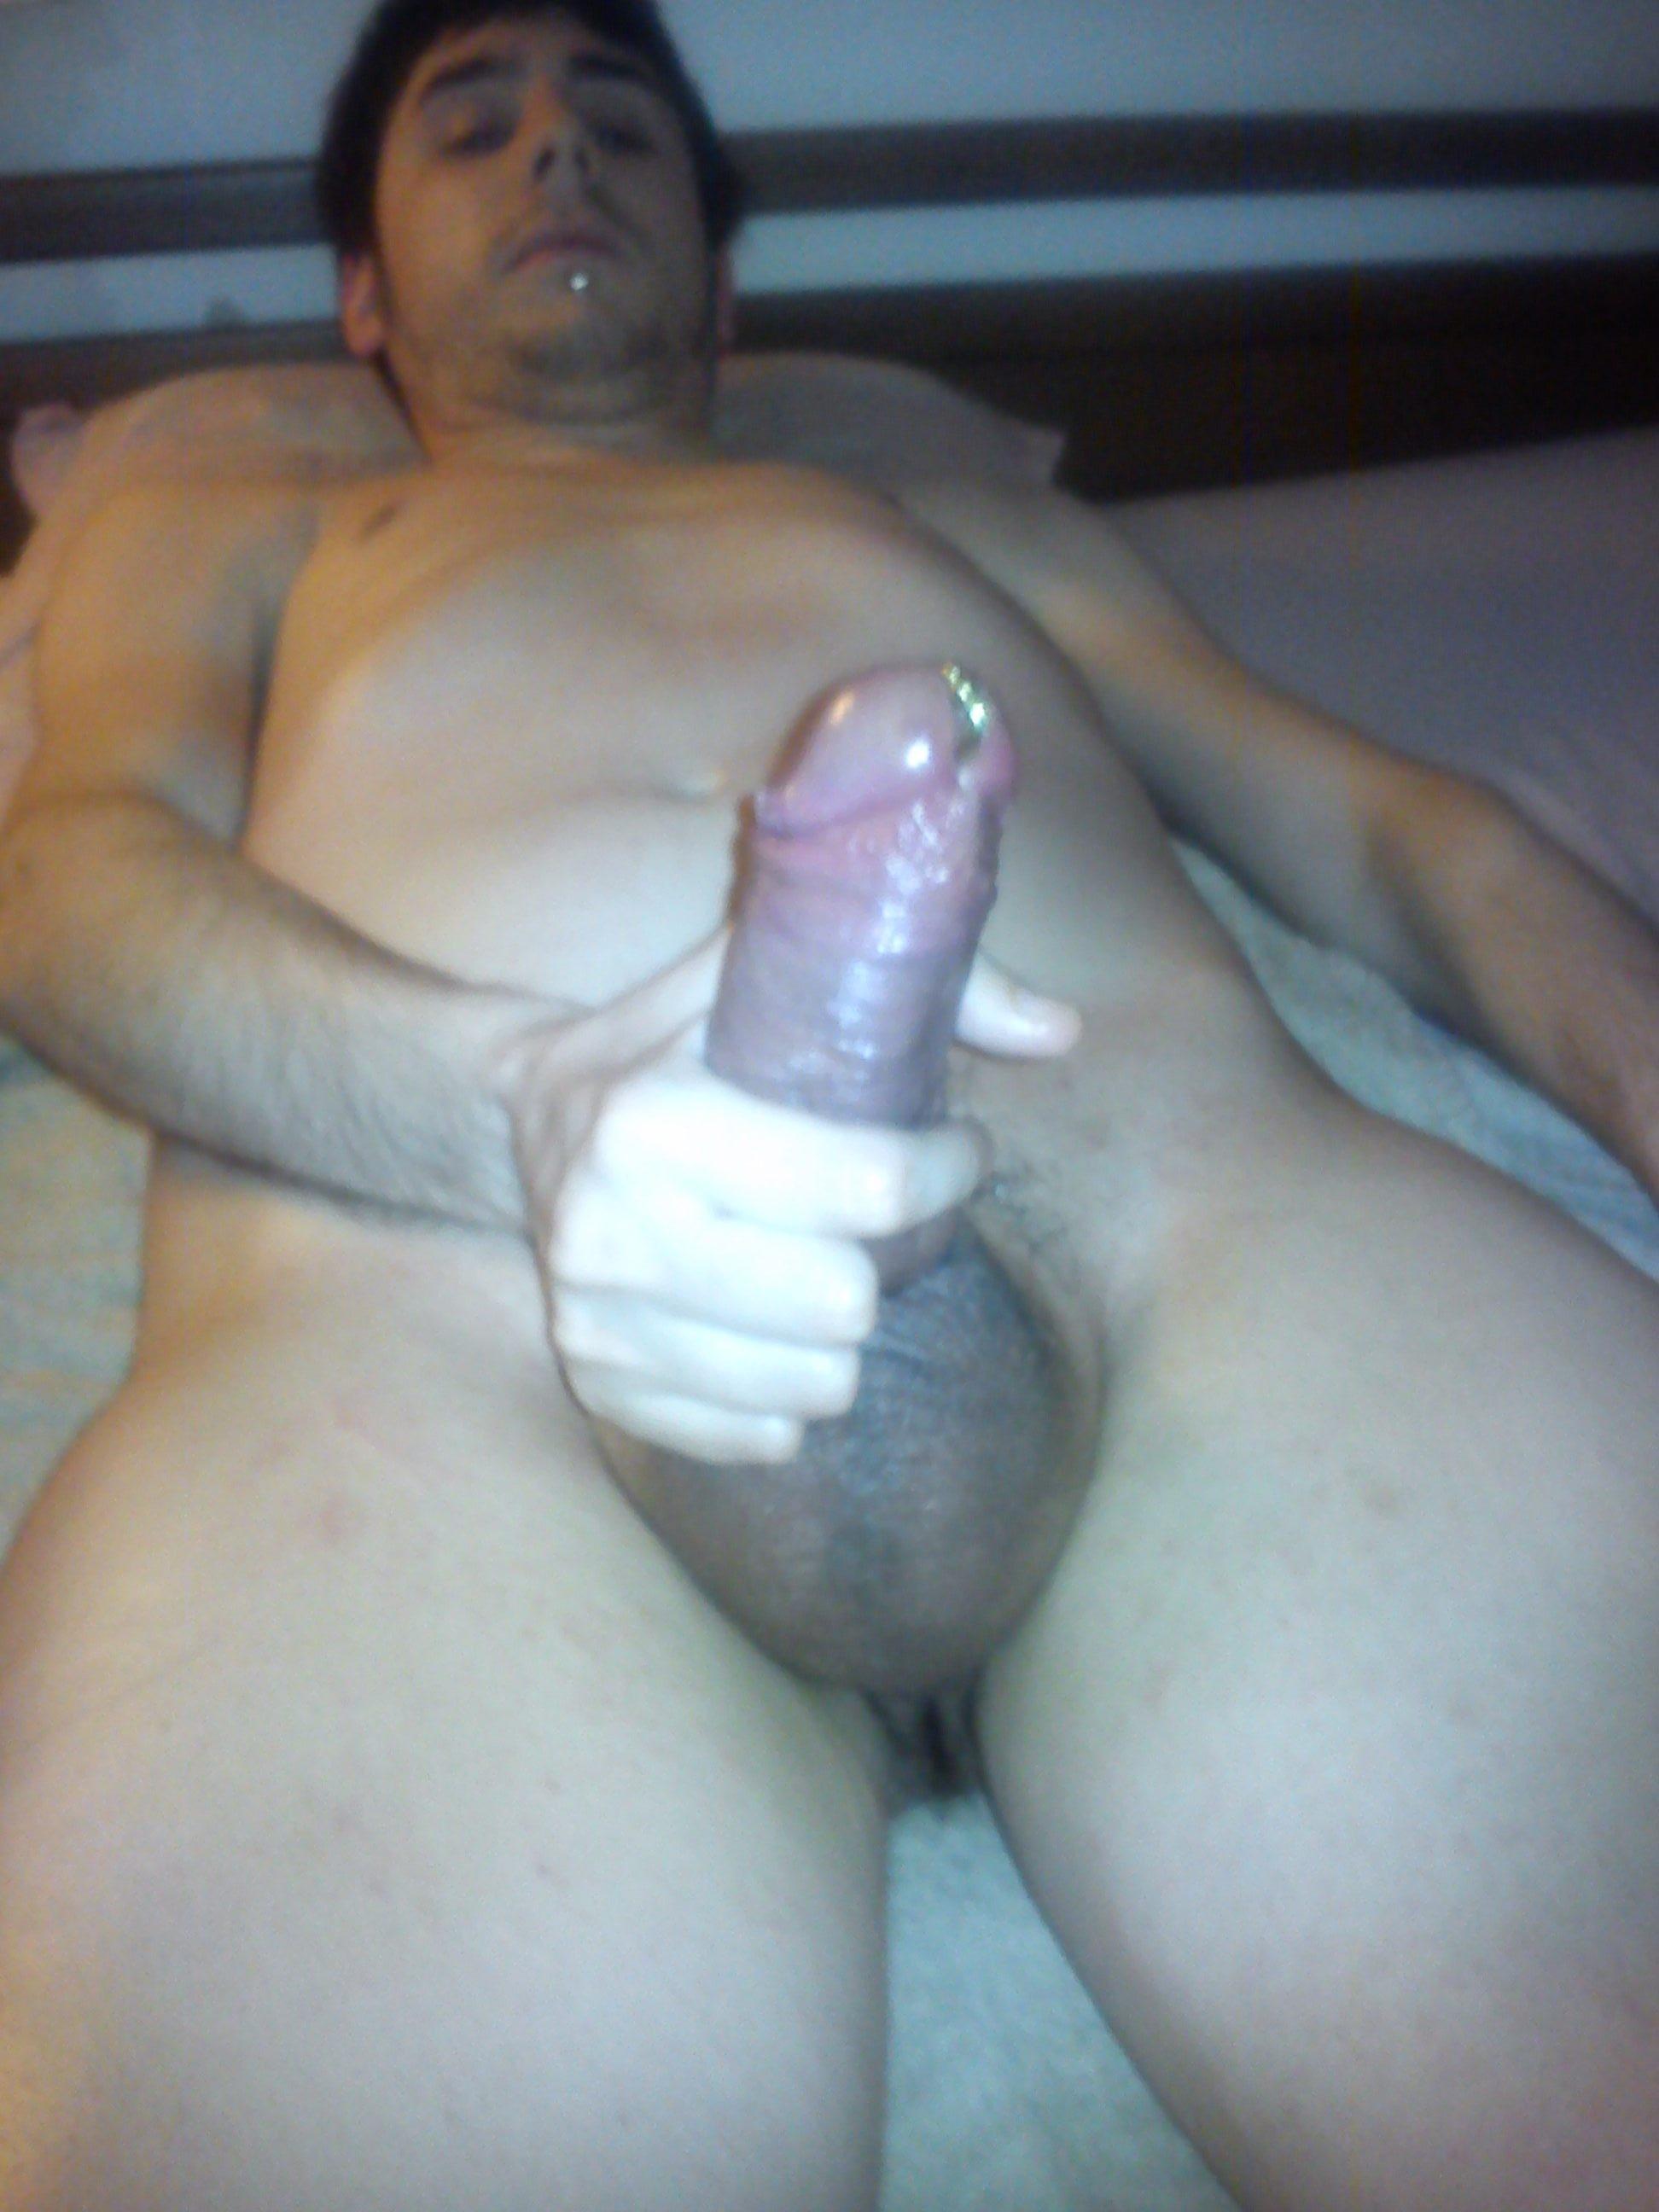 http://dating.rs/slike/1473/007.jpg